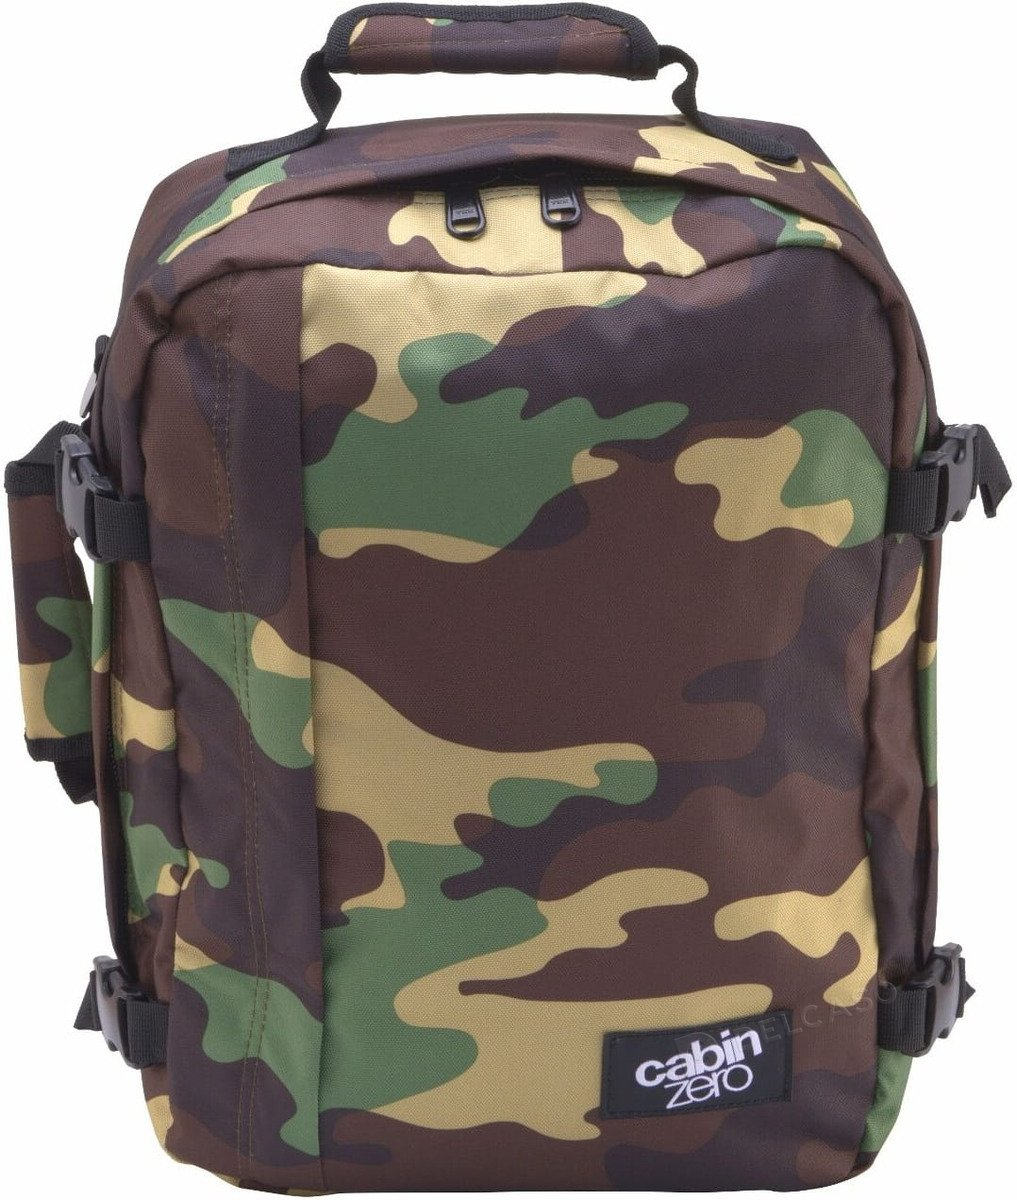 Plecak bagaż podręczny do Wizzair Cabin Zero Classic 28L Jungle Camo